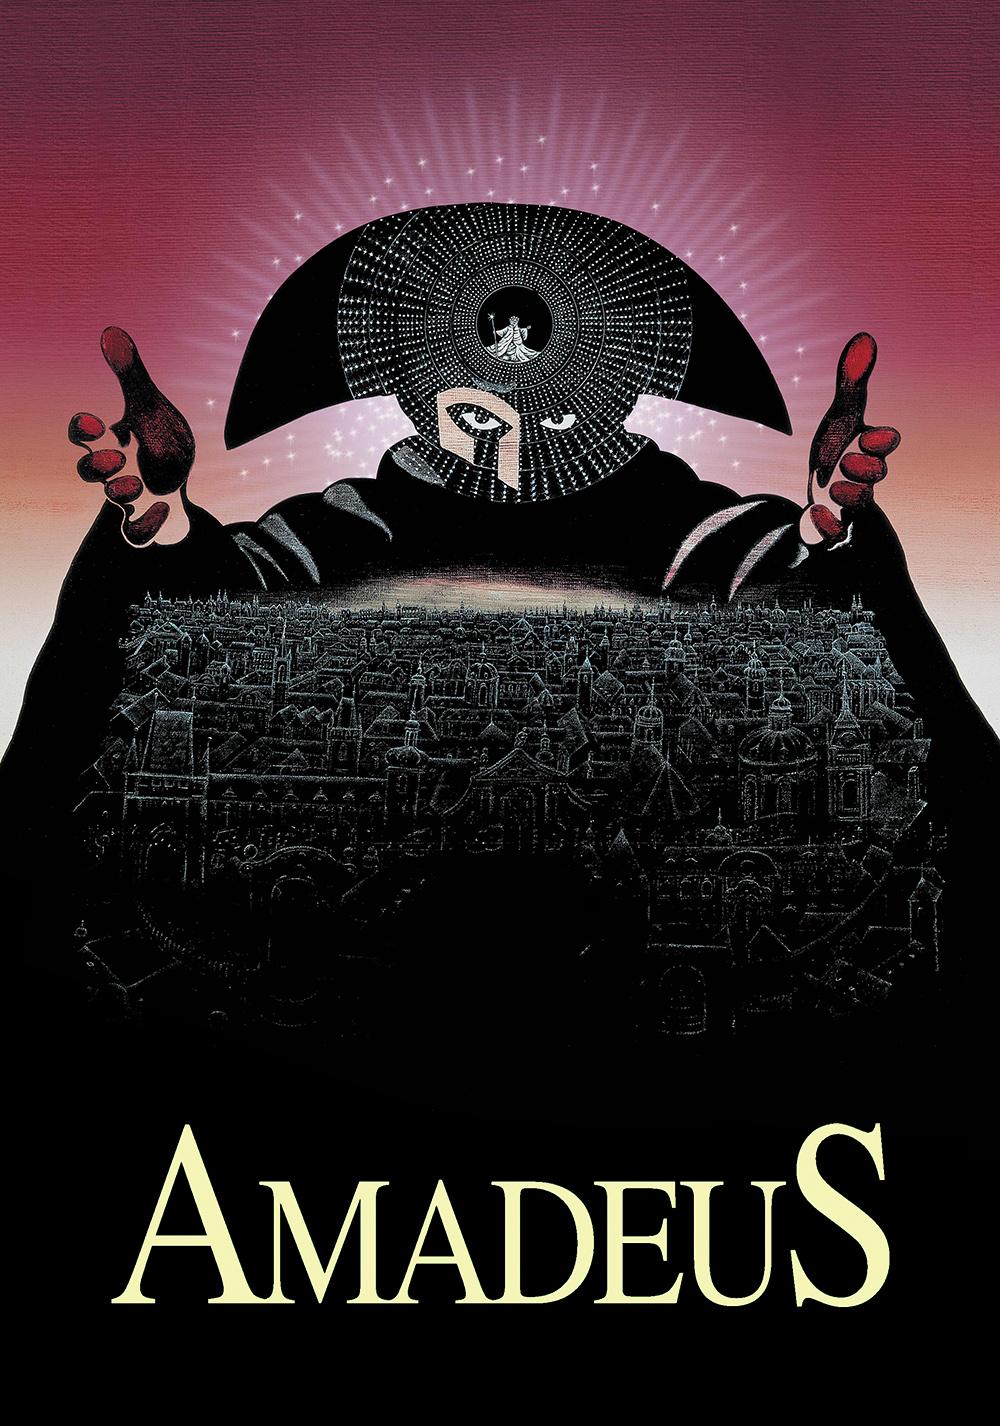 Film Amadeus